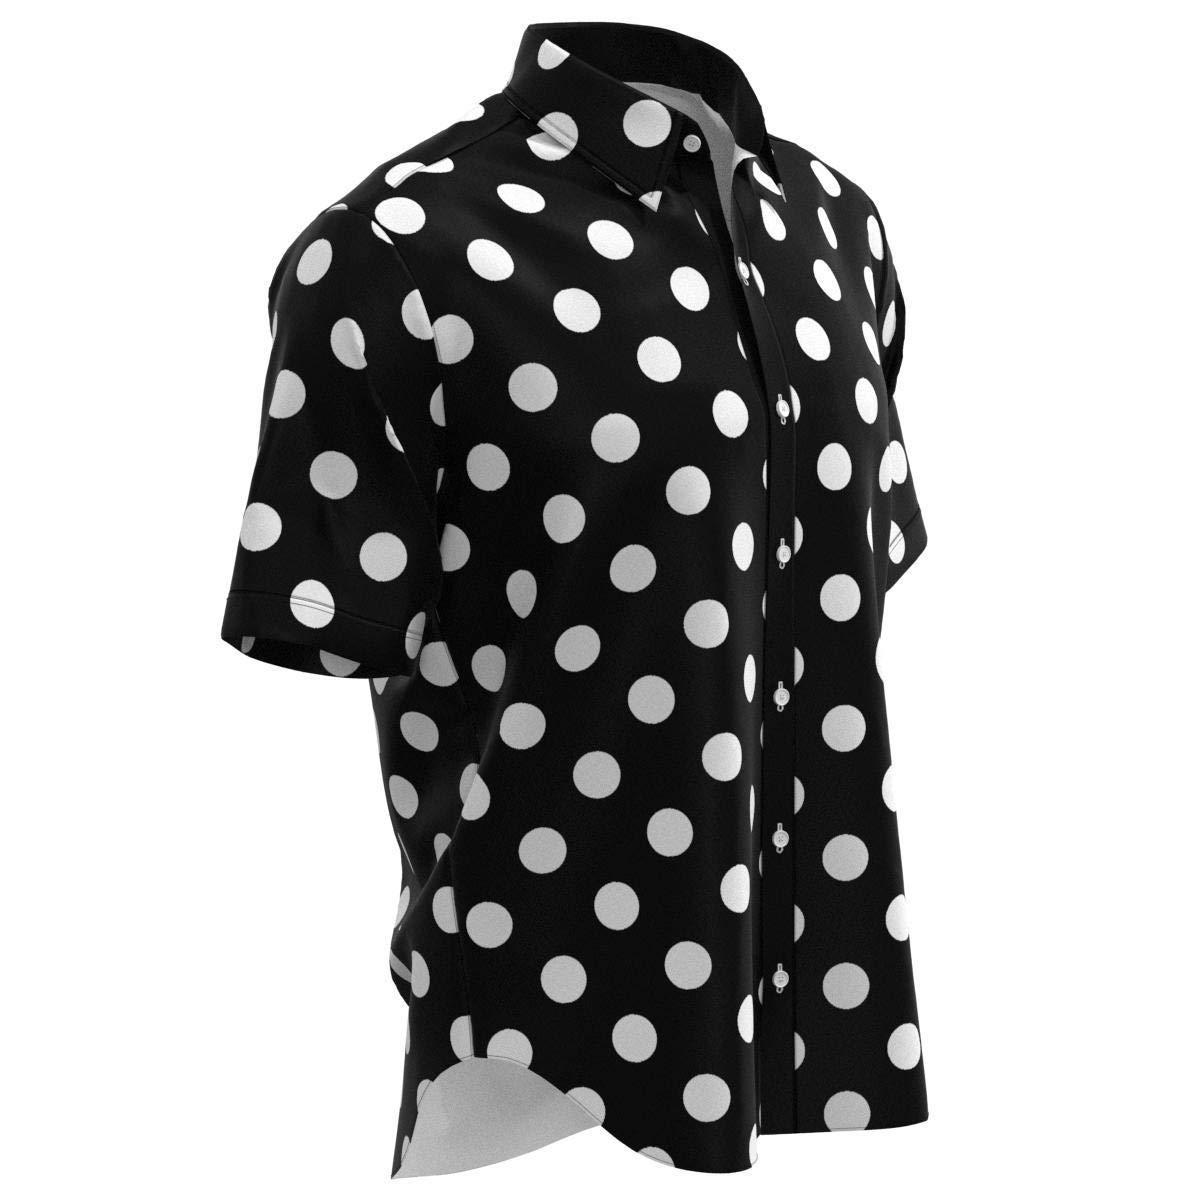 EightyThree XYZ White Dots on Black Polka Dot Mens Buttons Shirt XS-3XL